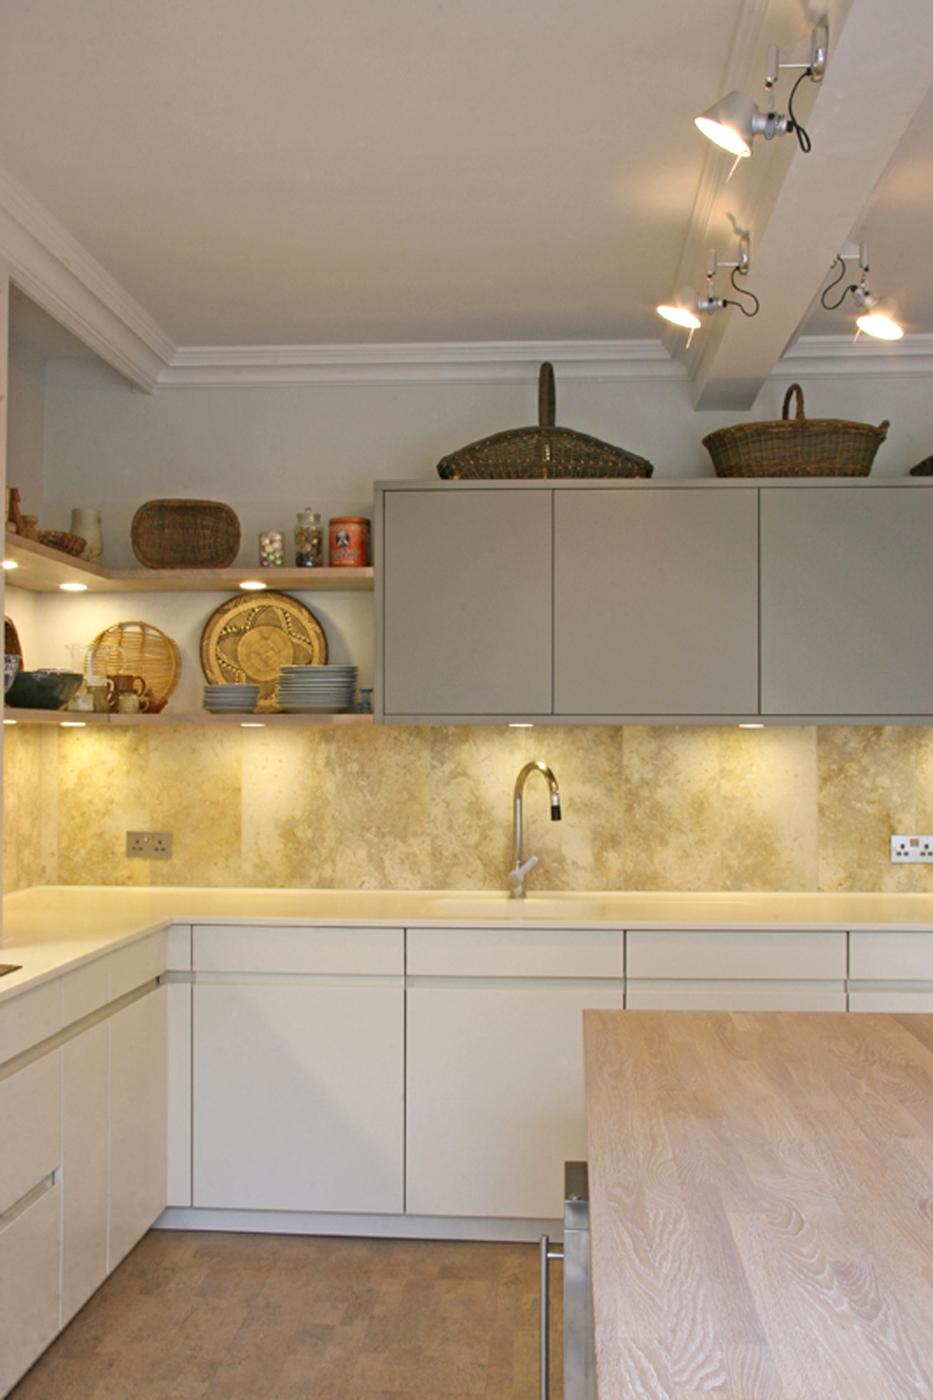 leicht_kitchen_extension_rogue_designs_architecture_oxford